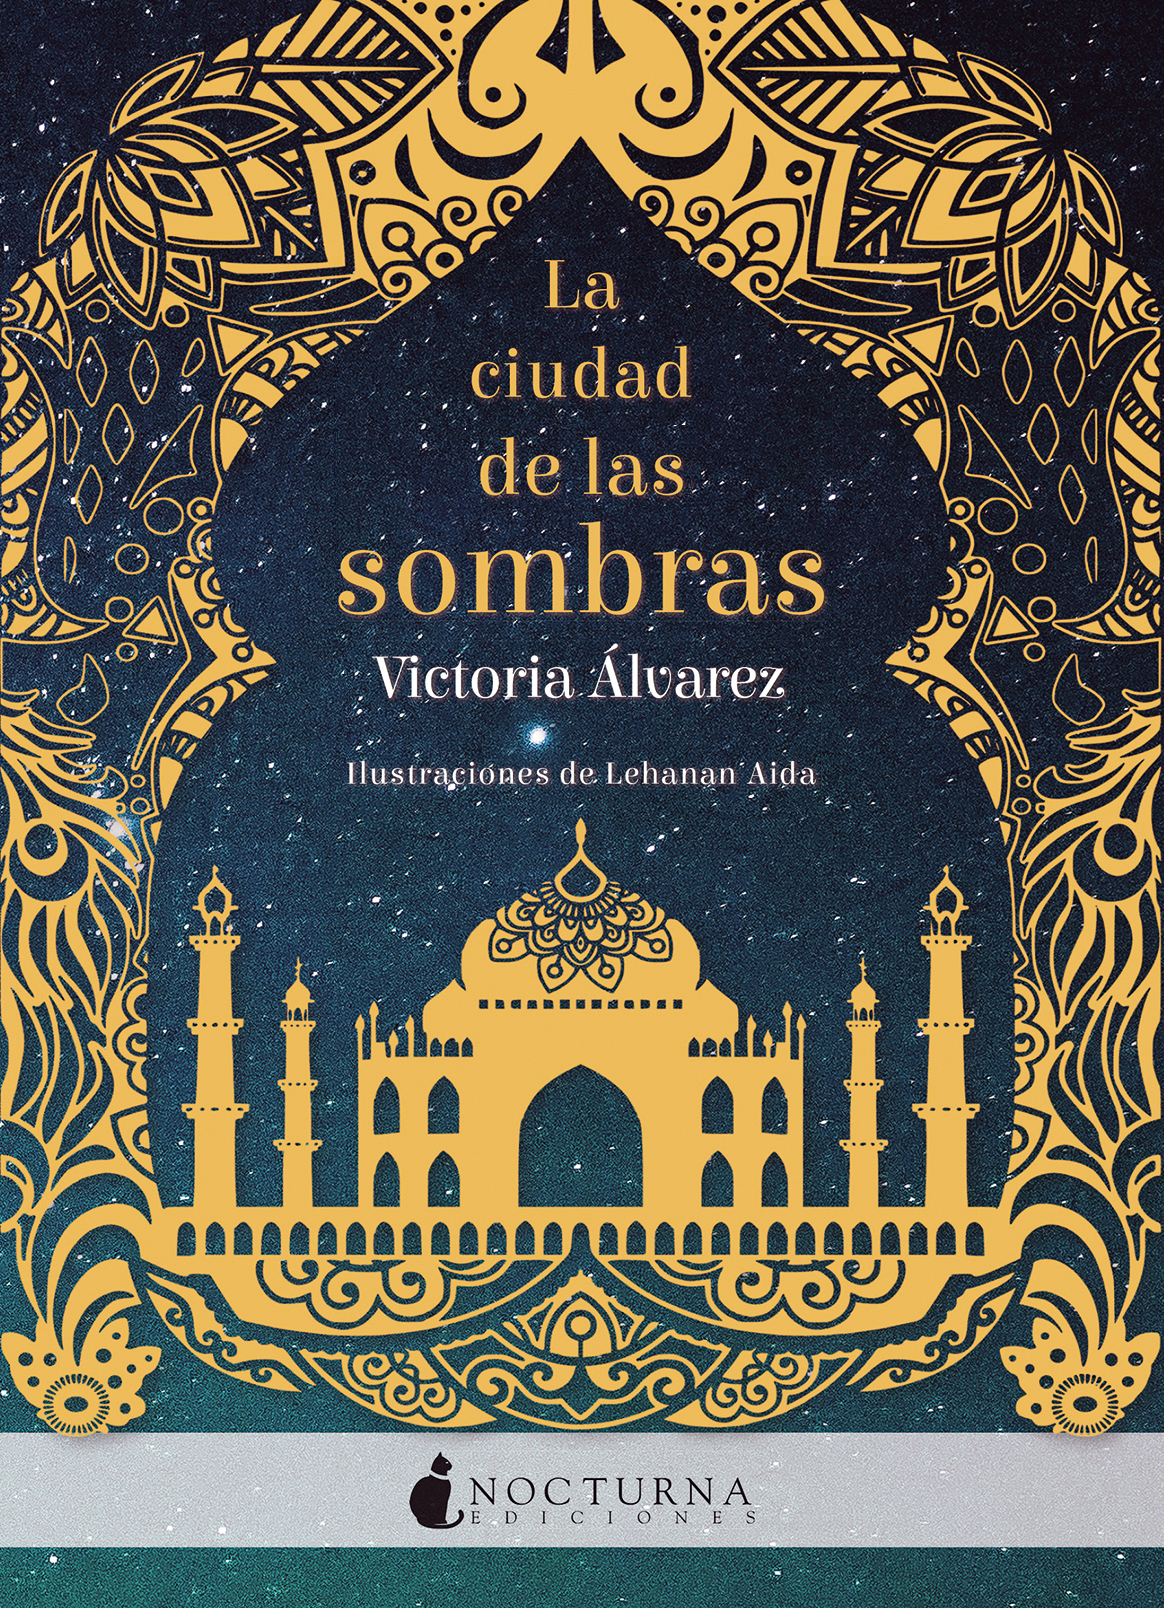 La ciudad de las sombras - Nocturna Ediciones